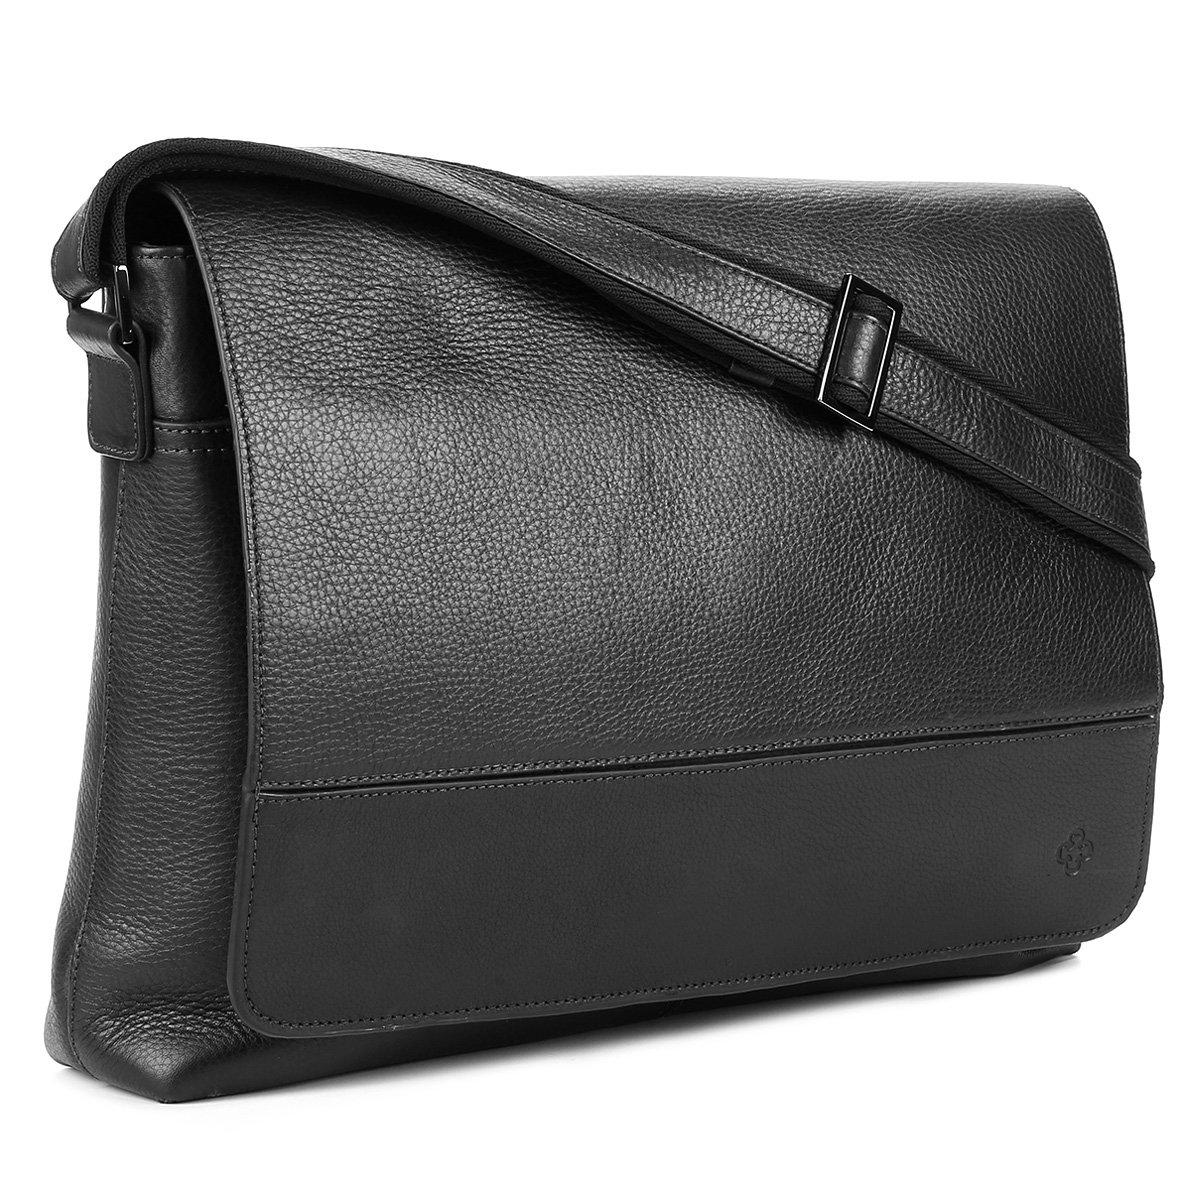 5ae73e61e Bolsa Couro Capodarte Carteiro Tumbled Masculina - Compre Agora ...